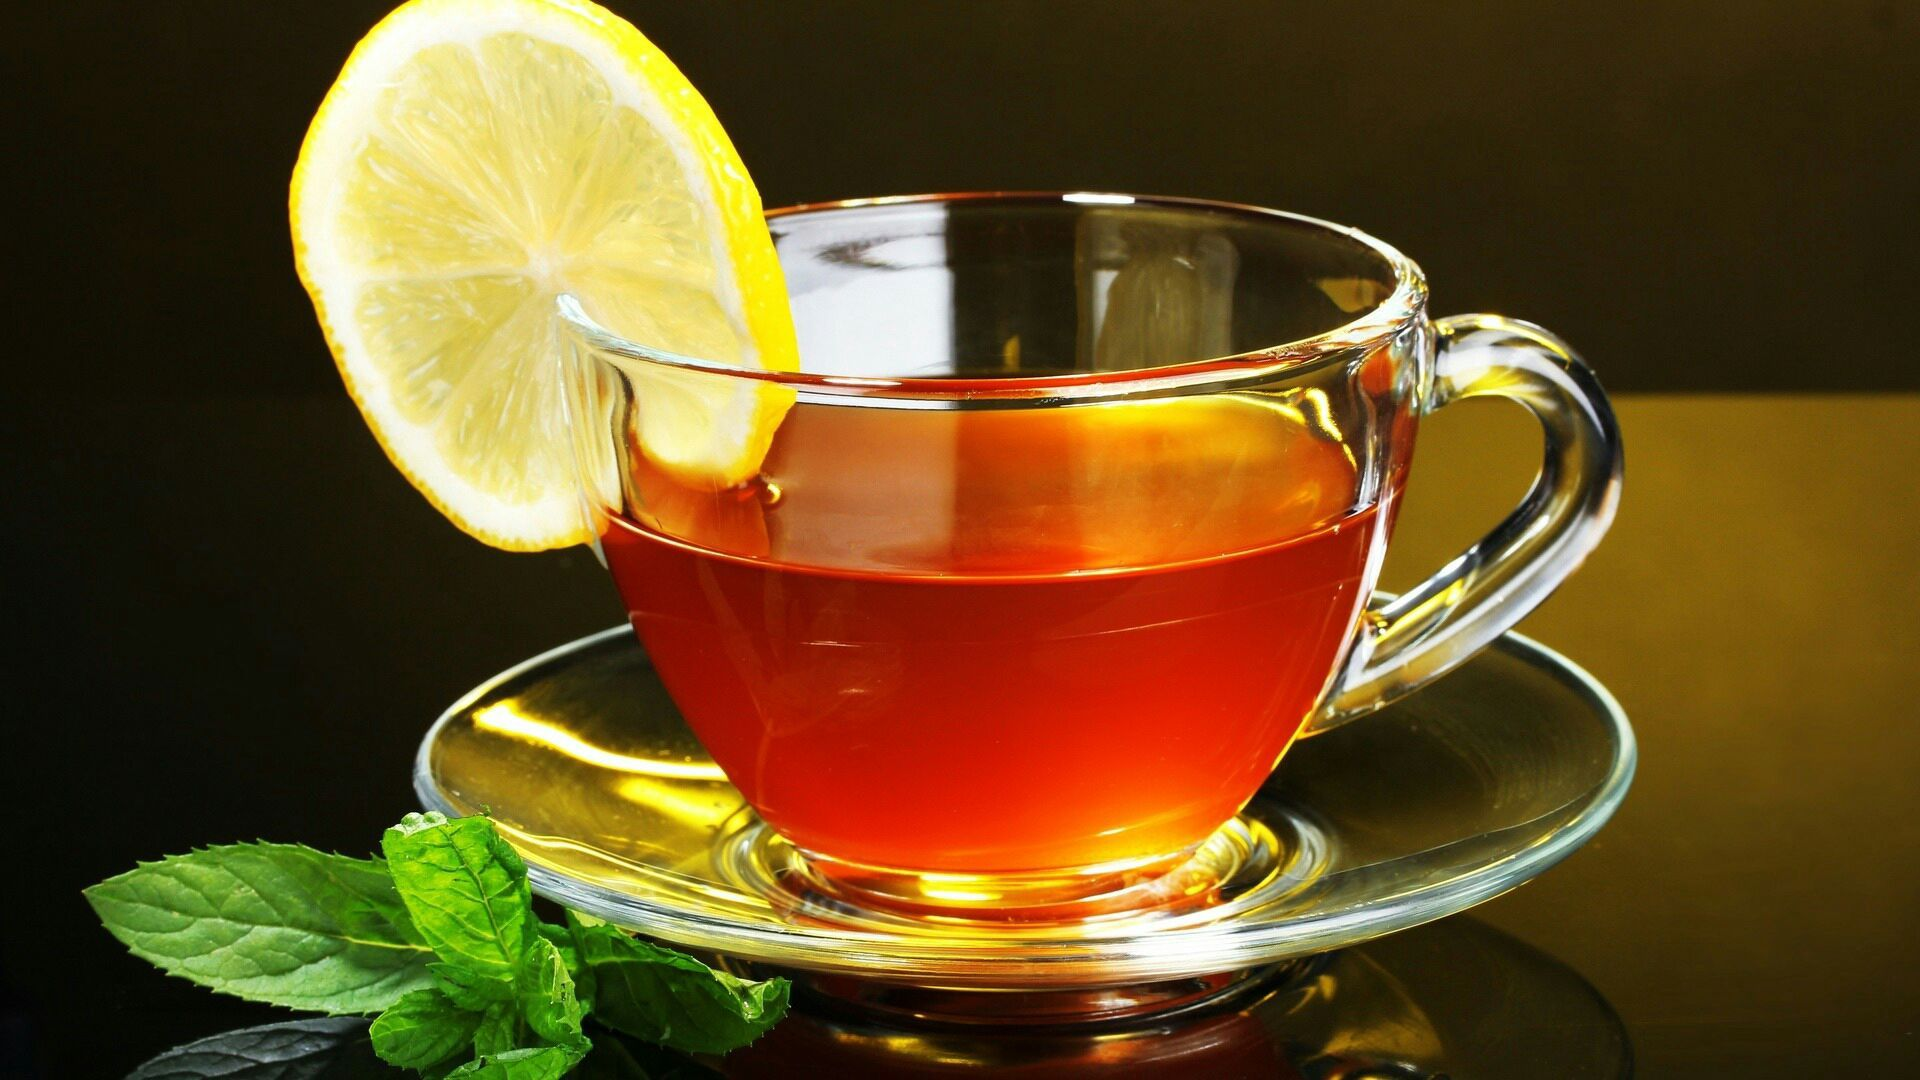 Tea hd wallpaper